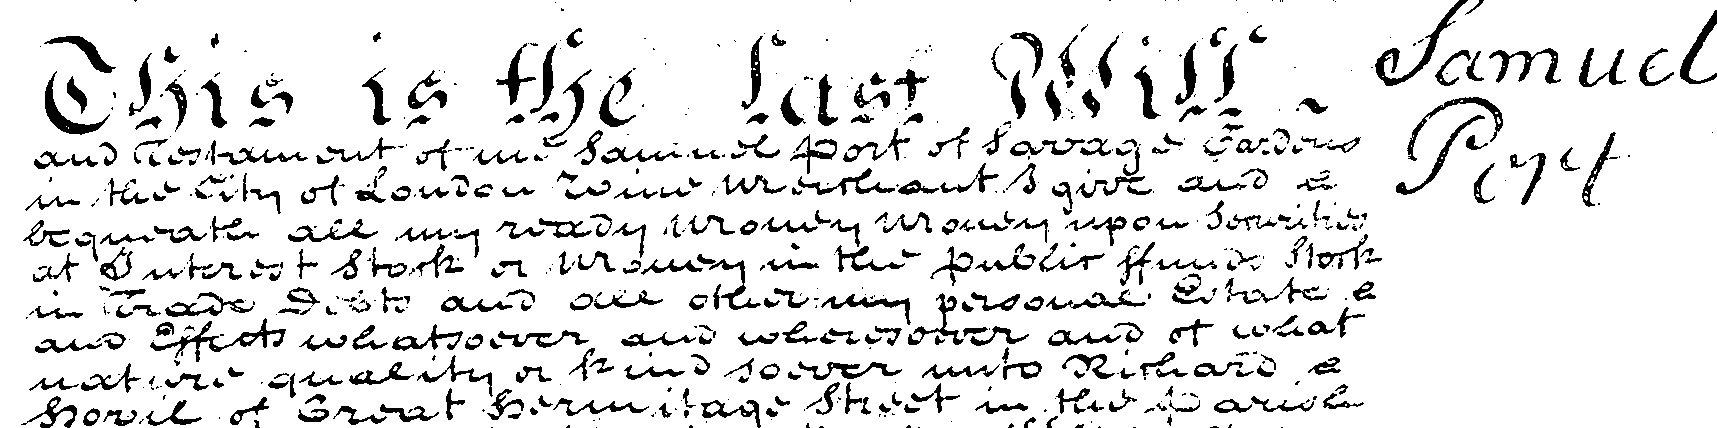 Will of Samuel Port